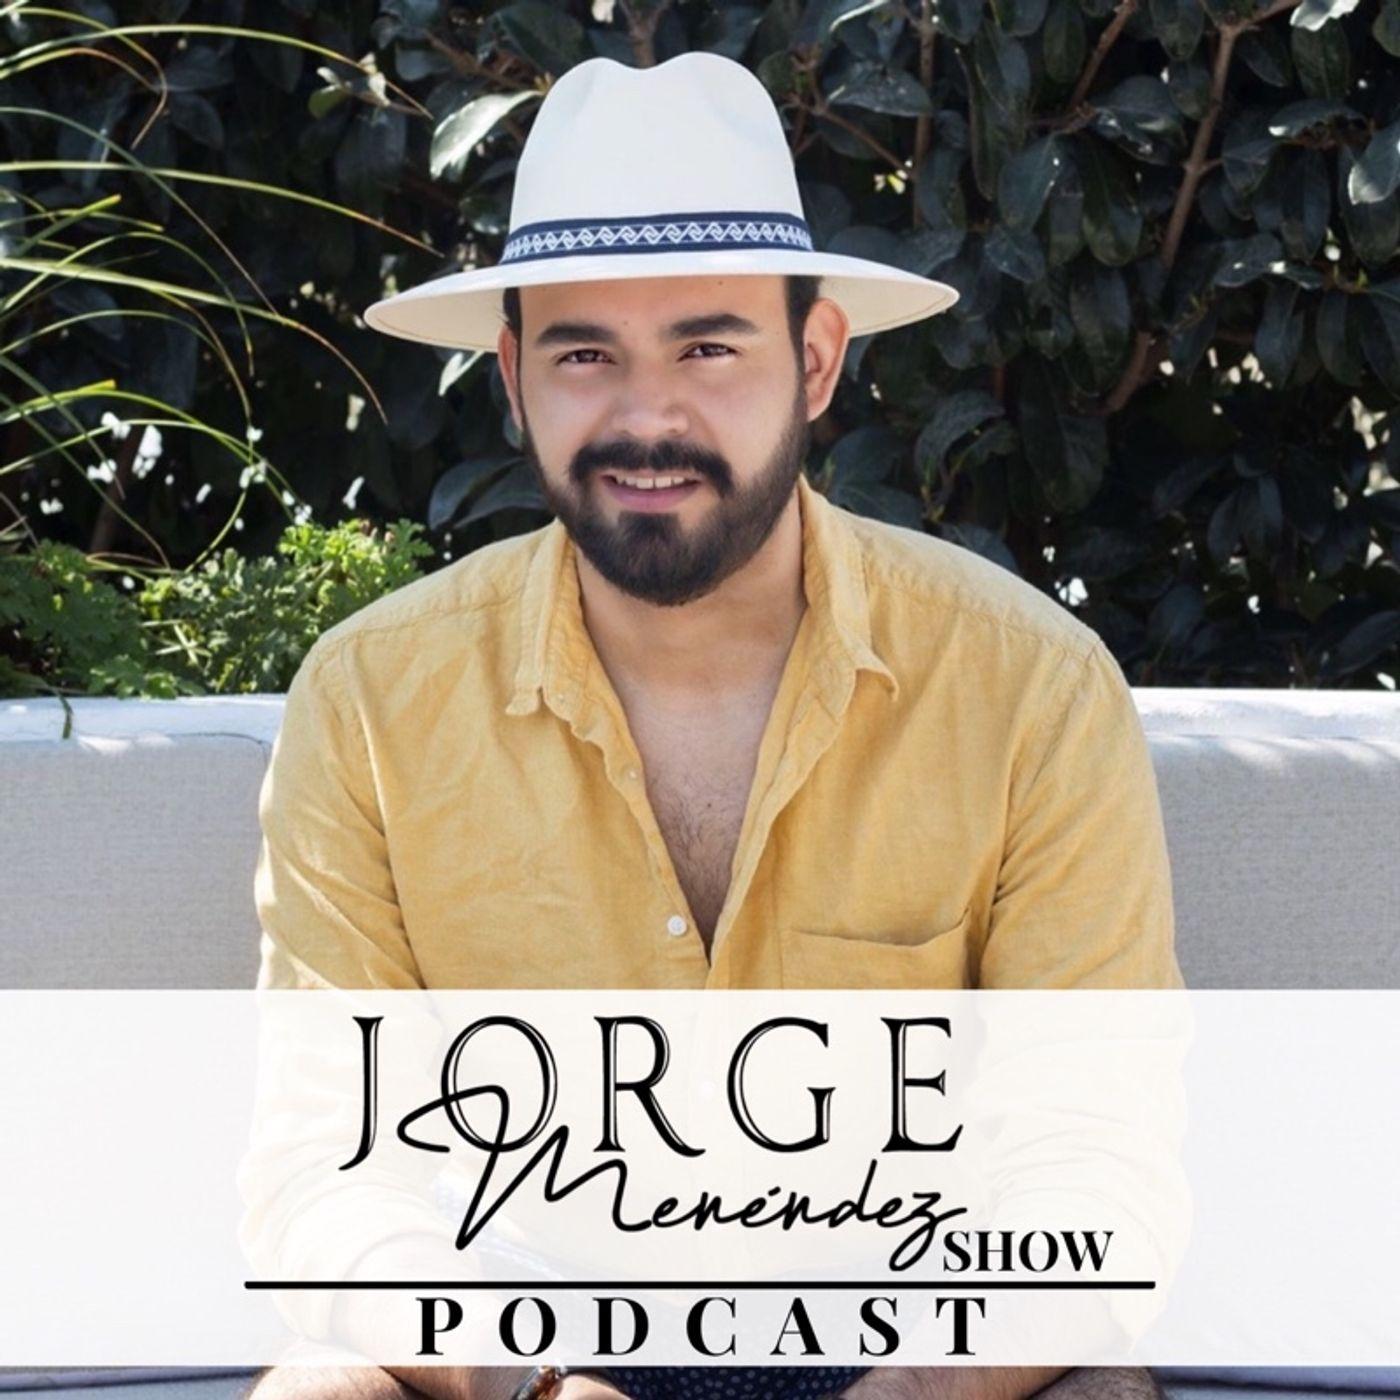 Episode 22 - Jorge Menendez's show - Relaciones Tóxicas con Jose Remis